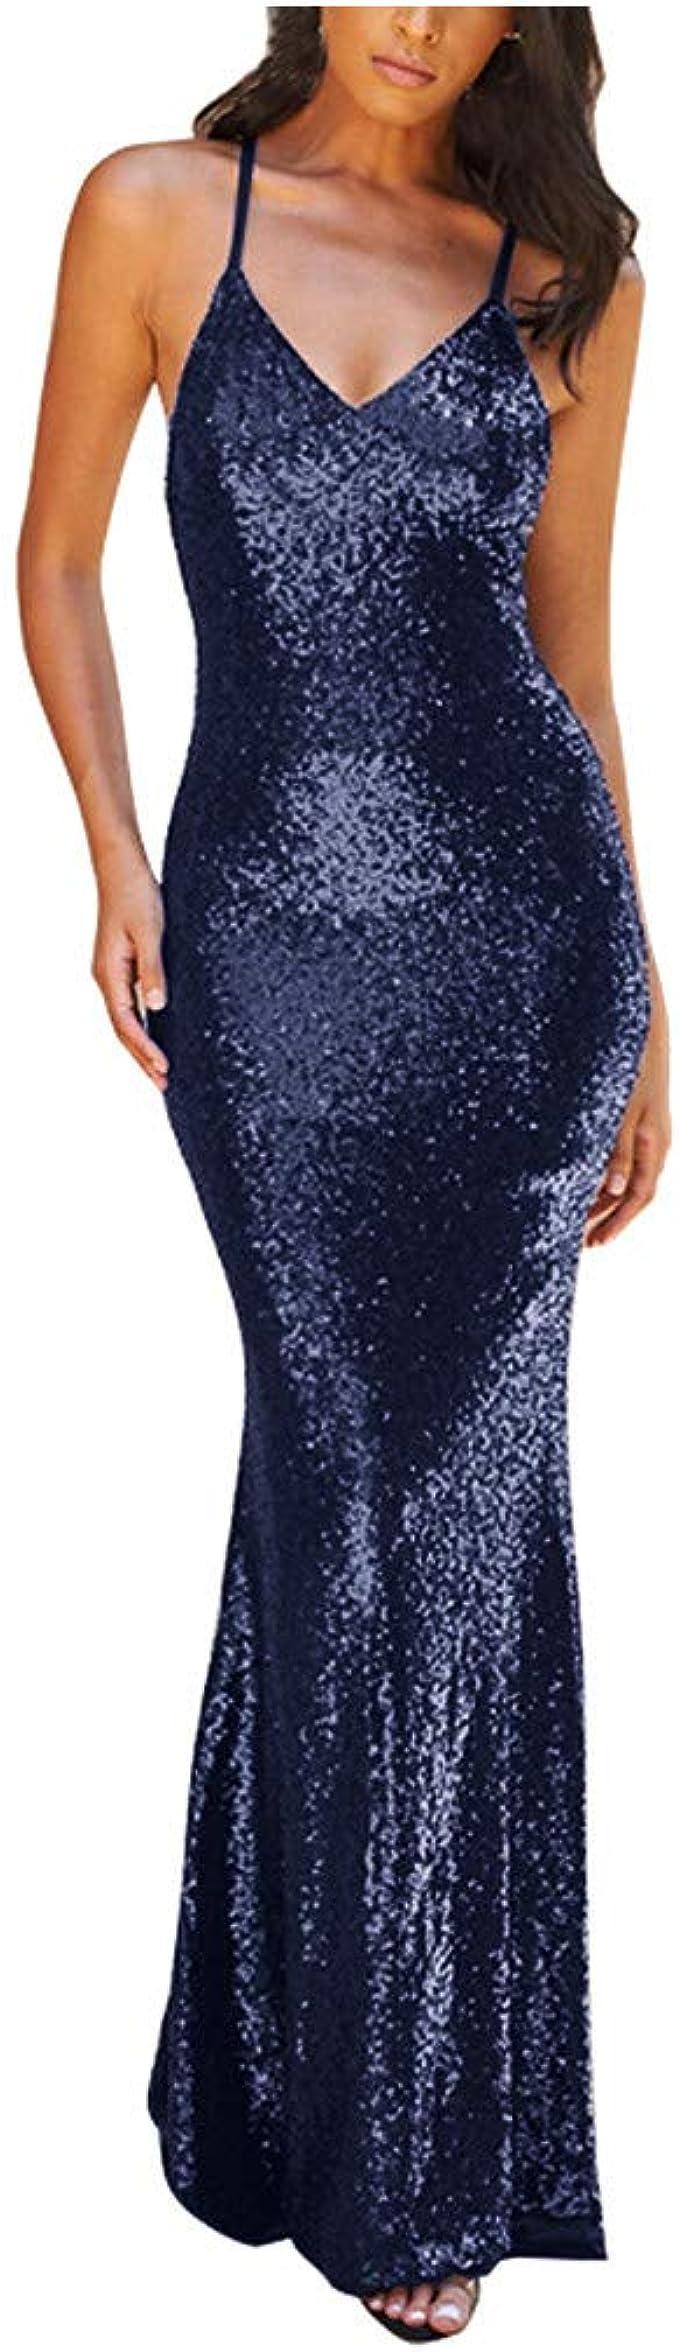 MEIbax Damen Sexy Lange Abendkleid Fischschwanz Kleid Glänzend